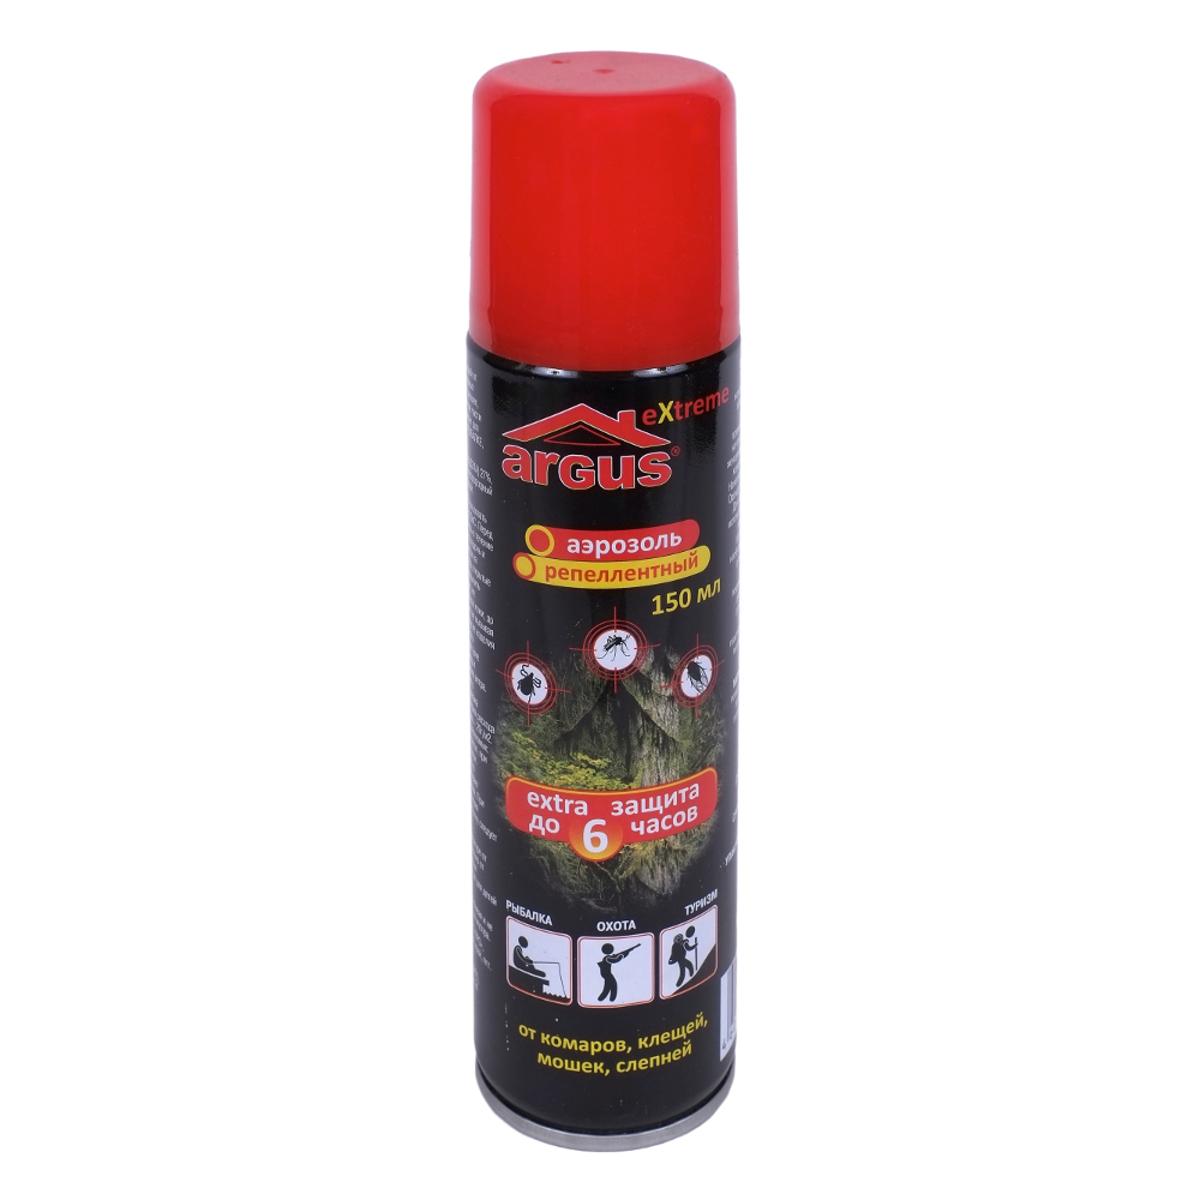 Аэрозоль репеллентный против насекомых Argus, 150 мл19201Репеллентный аэрозоль Argus применяется для защиты людей от нападения кровососущих насекомых (комаров, мокрецов, москитов, мошки, слепней) при нанесении на открытые части тела. Изделие идеально подойдет для защиты от насекомых в экстремальных условиях: на рыбалке, охоте, отдыхе, в лесу, в тайге, в горах, в районах с повышенной влажностью. Действие продолжается до 6 часов.Состав: N,N-диэтилтолуамид (ДЭТА) 27%, пропиленгликоль, отдушка, углеводородный пропеллент, спирт изопропиловый.